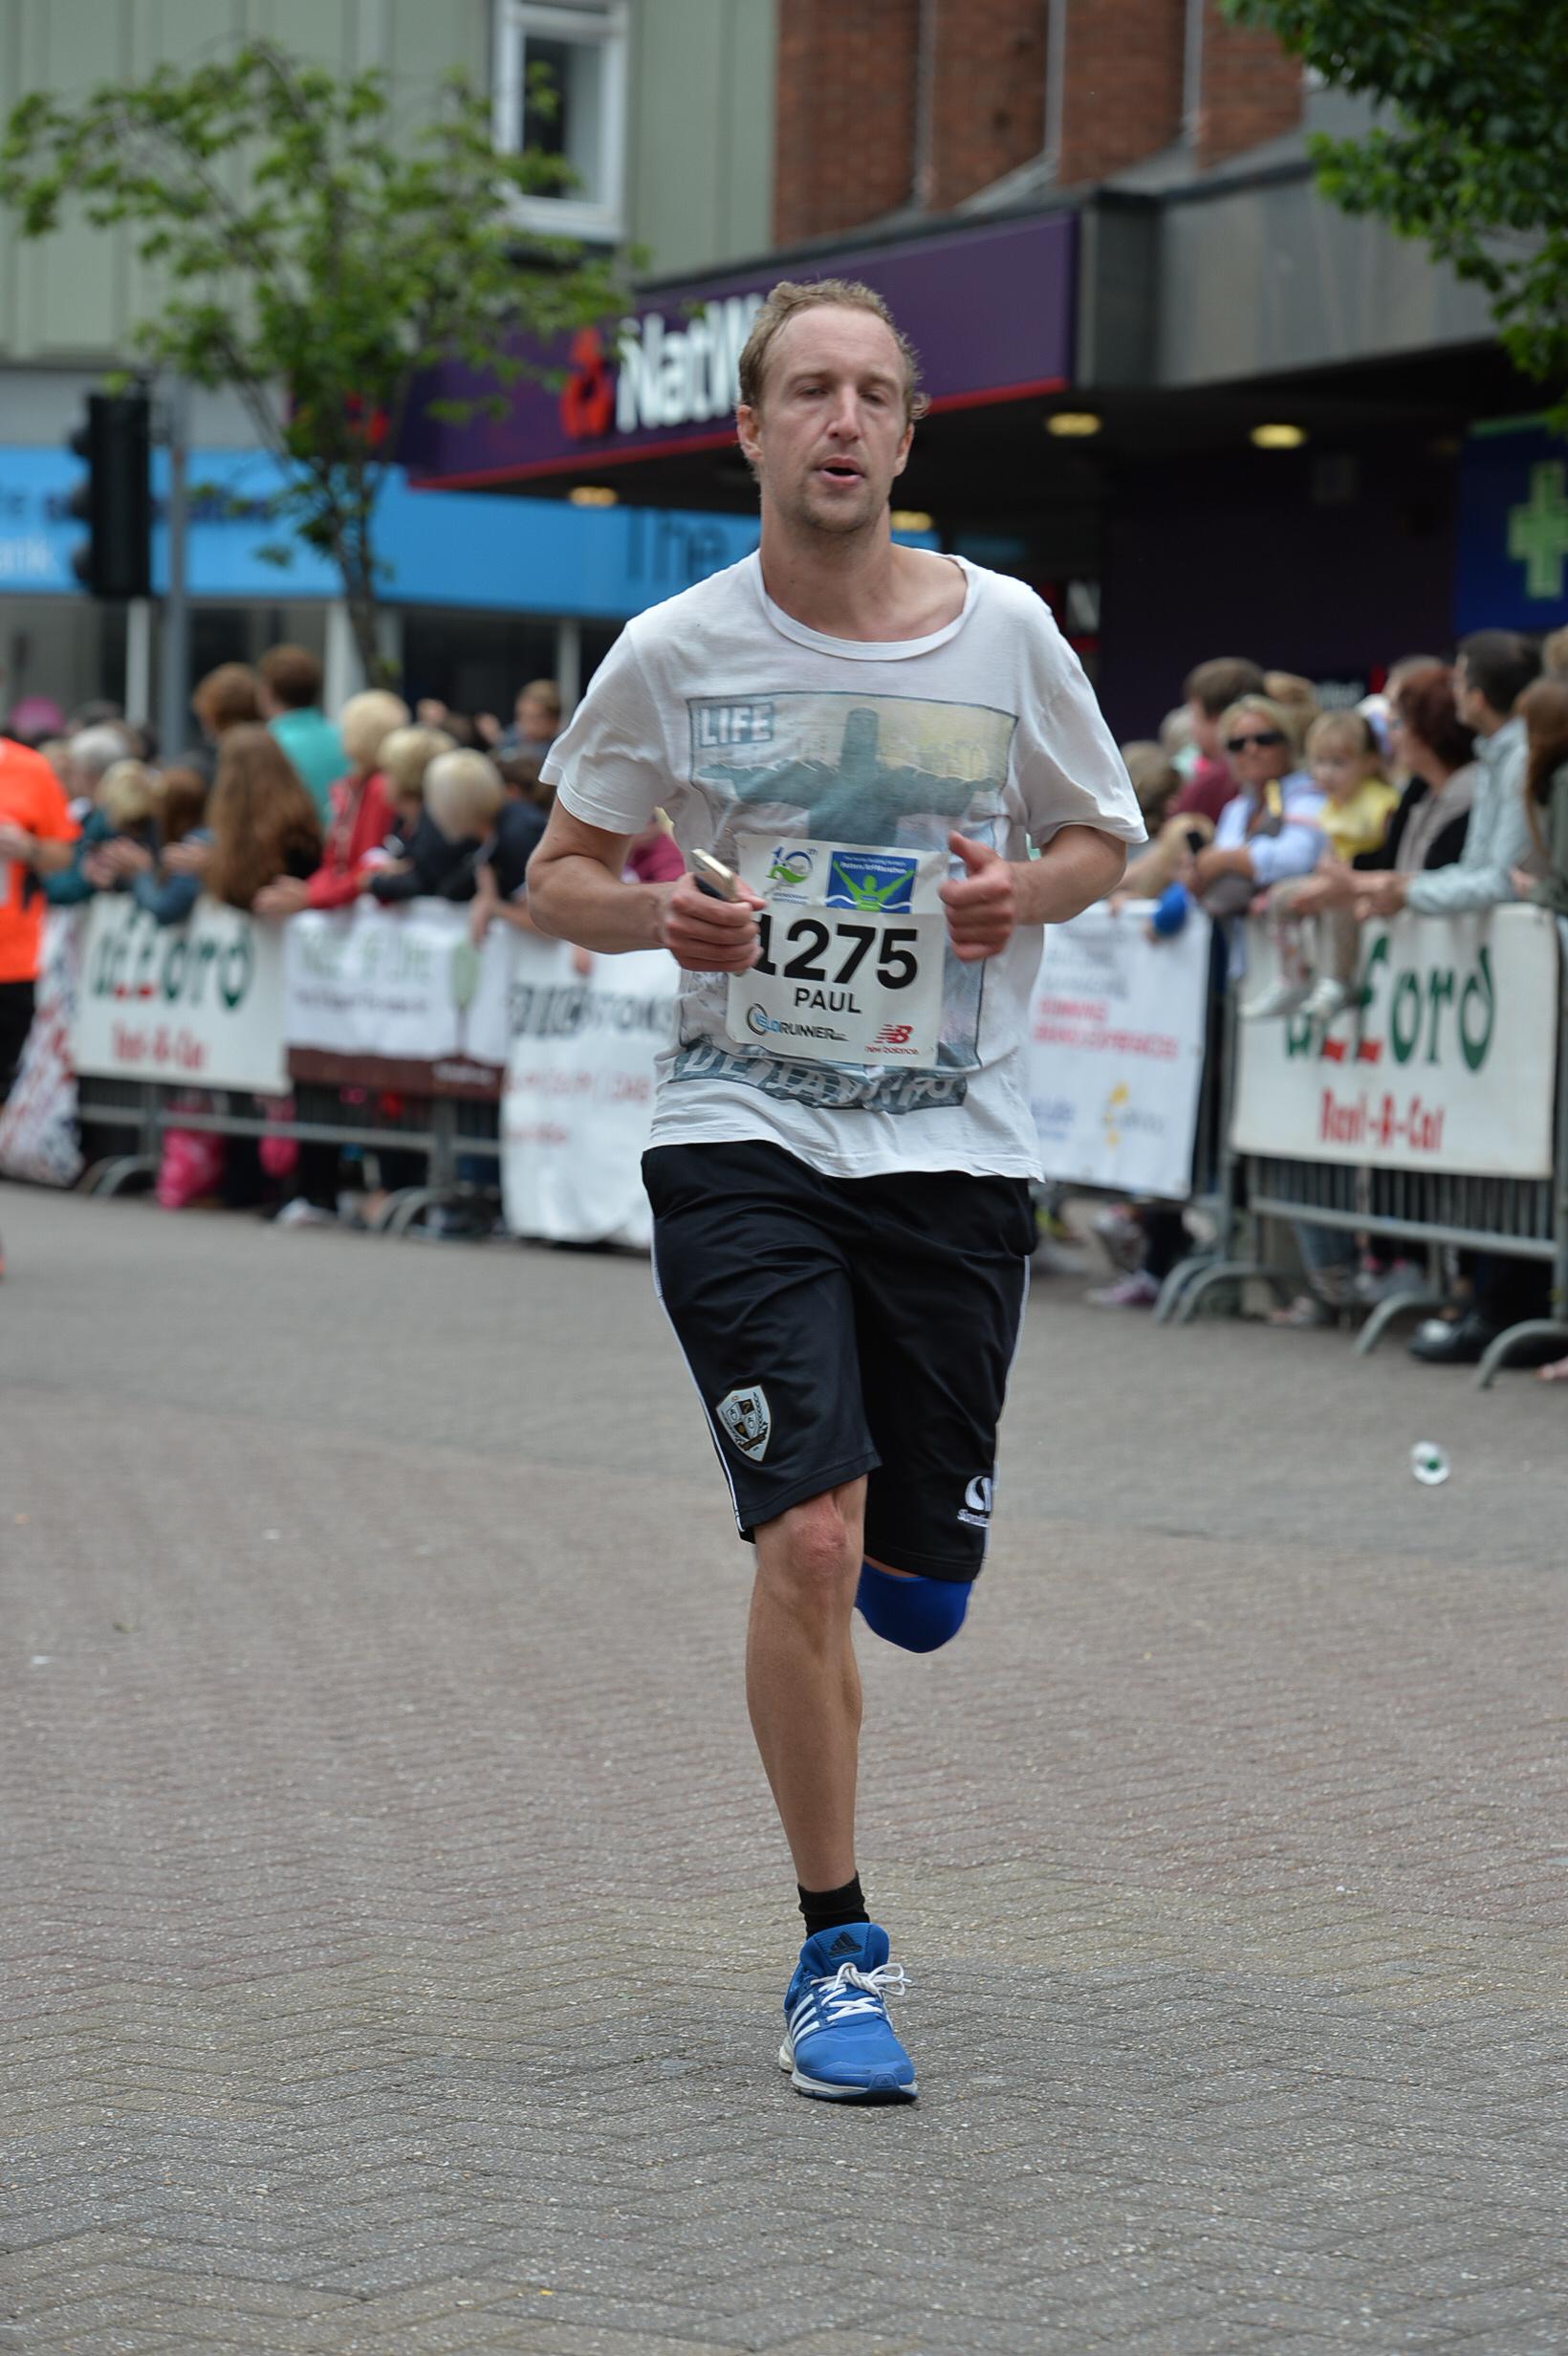 At the finish - photo courtesy Mick Hall Photos